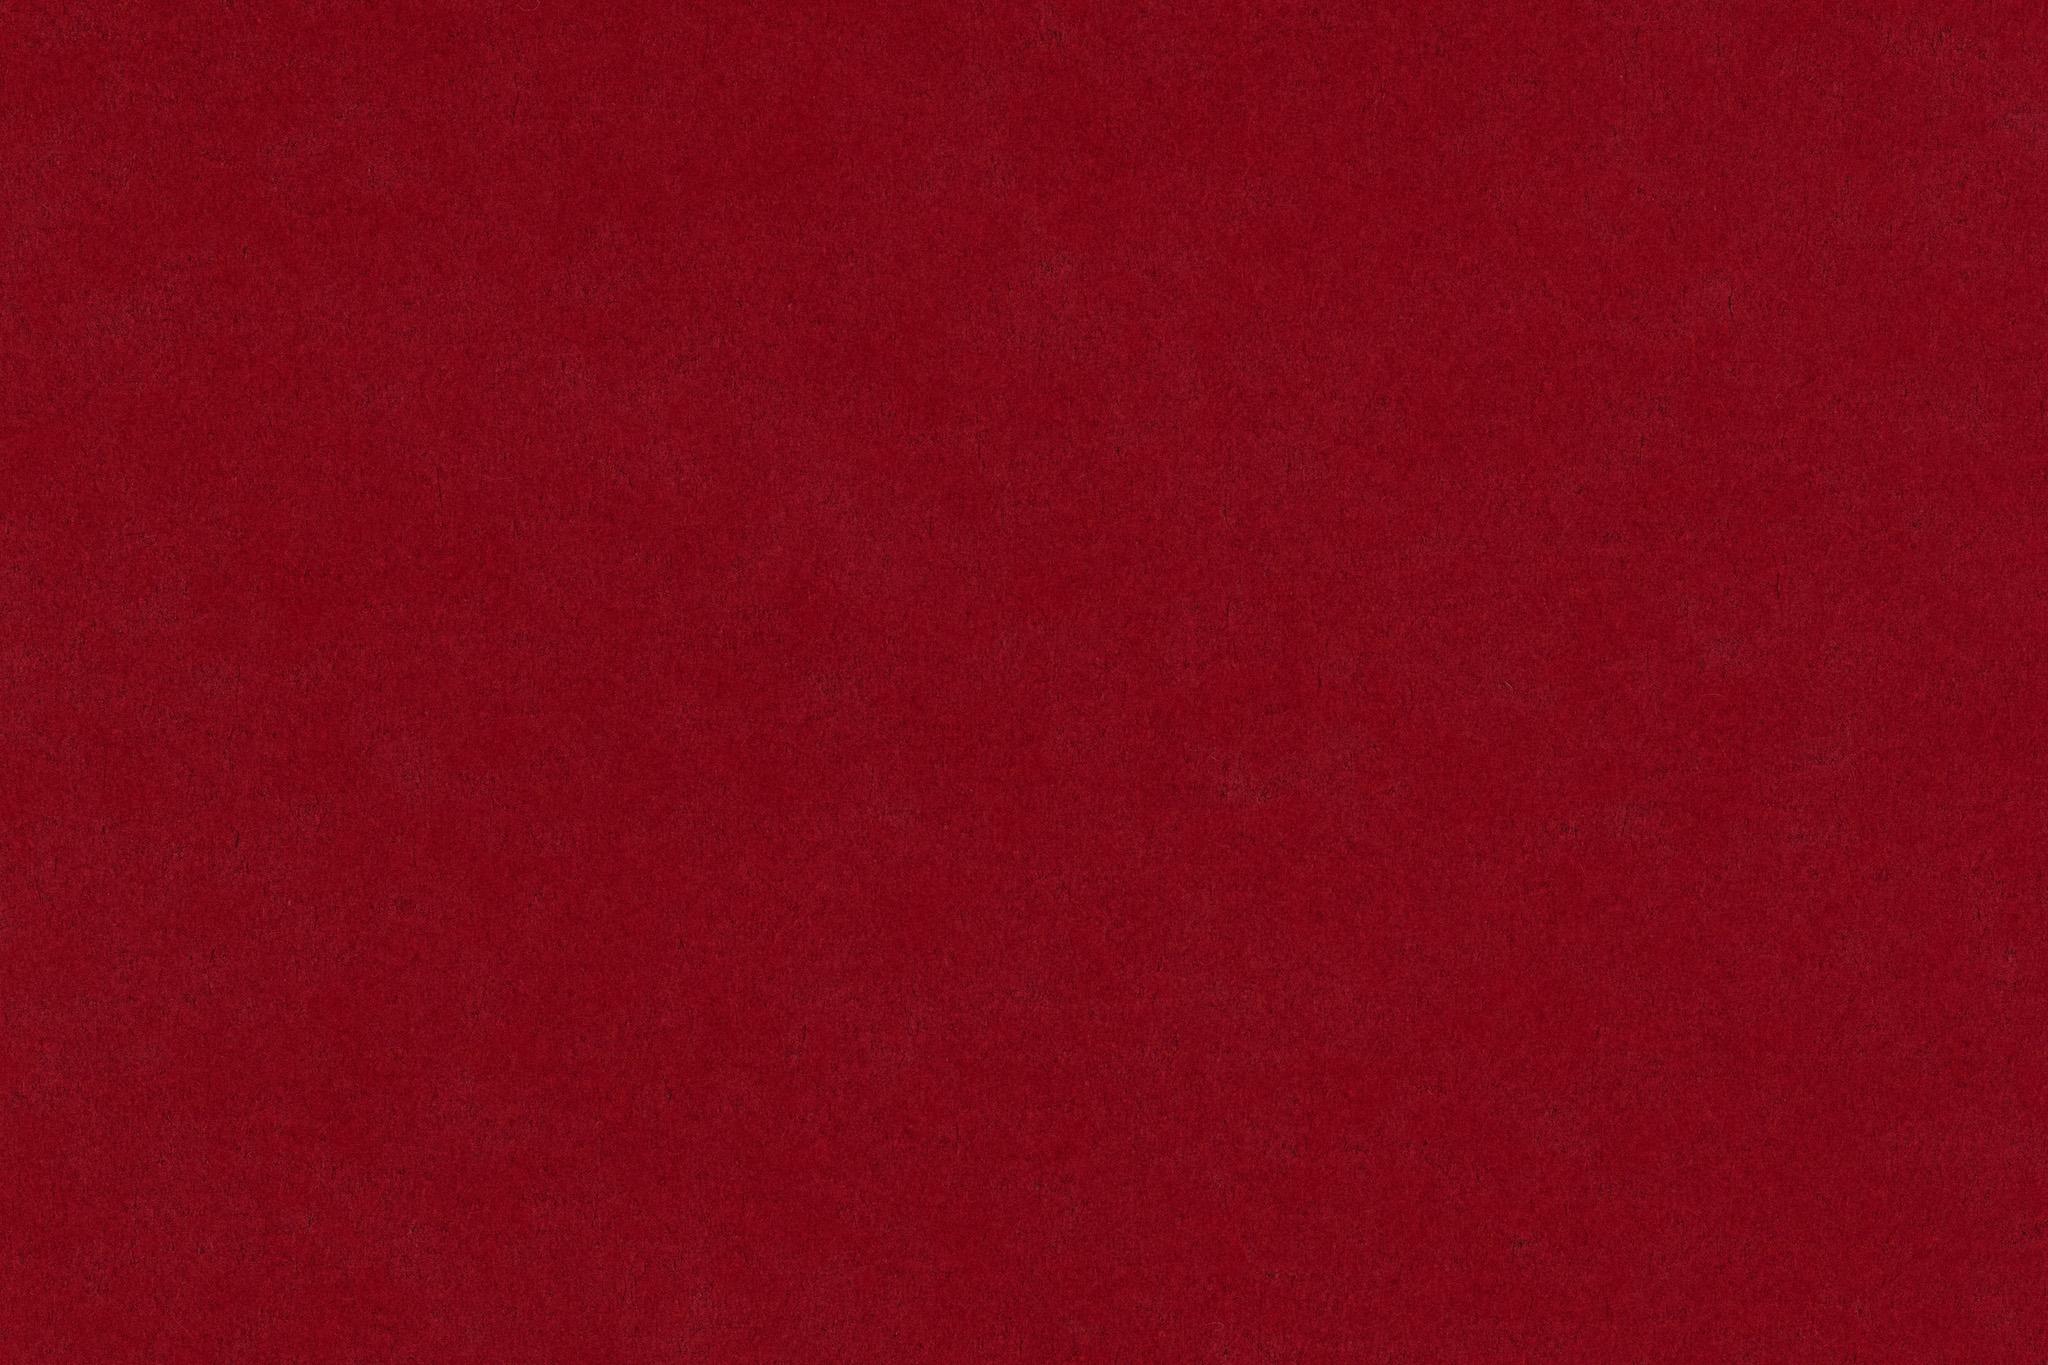 「赤茶色の紙のテクスチャ」の画像を無料ダウンロード